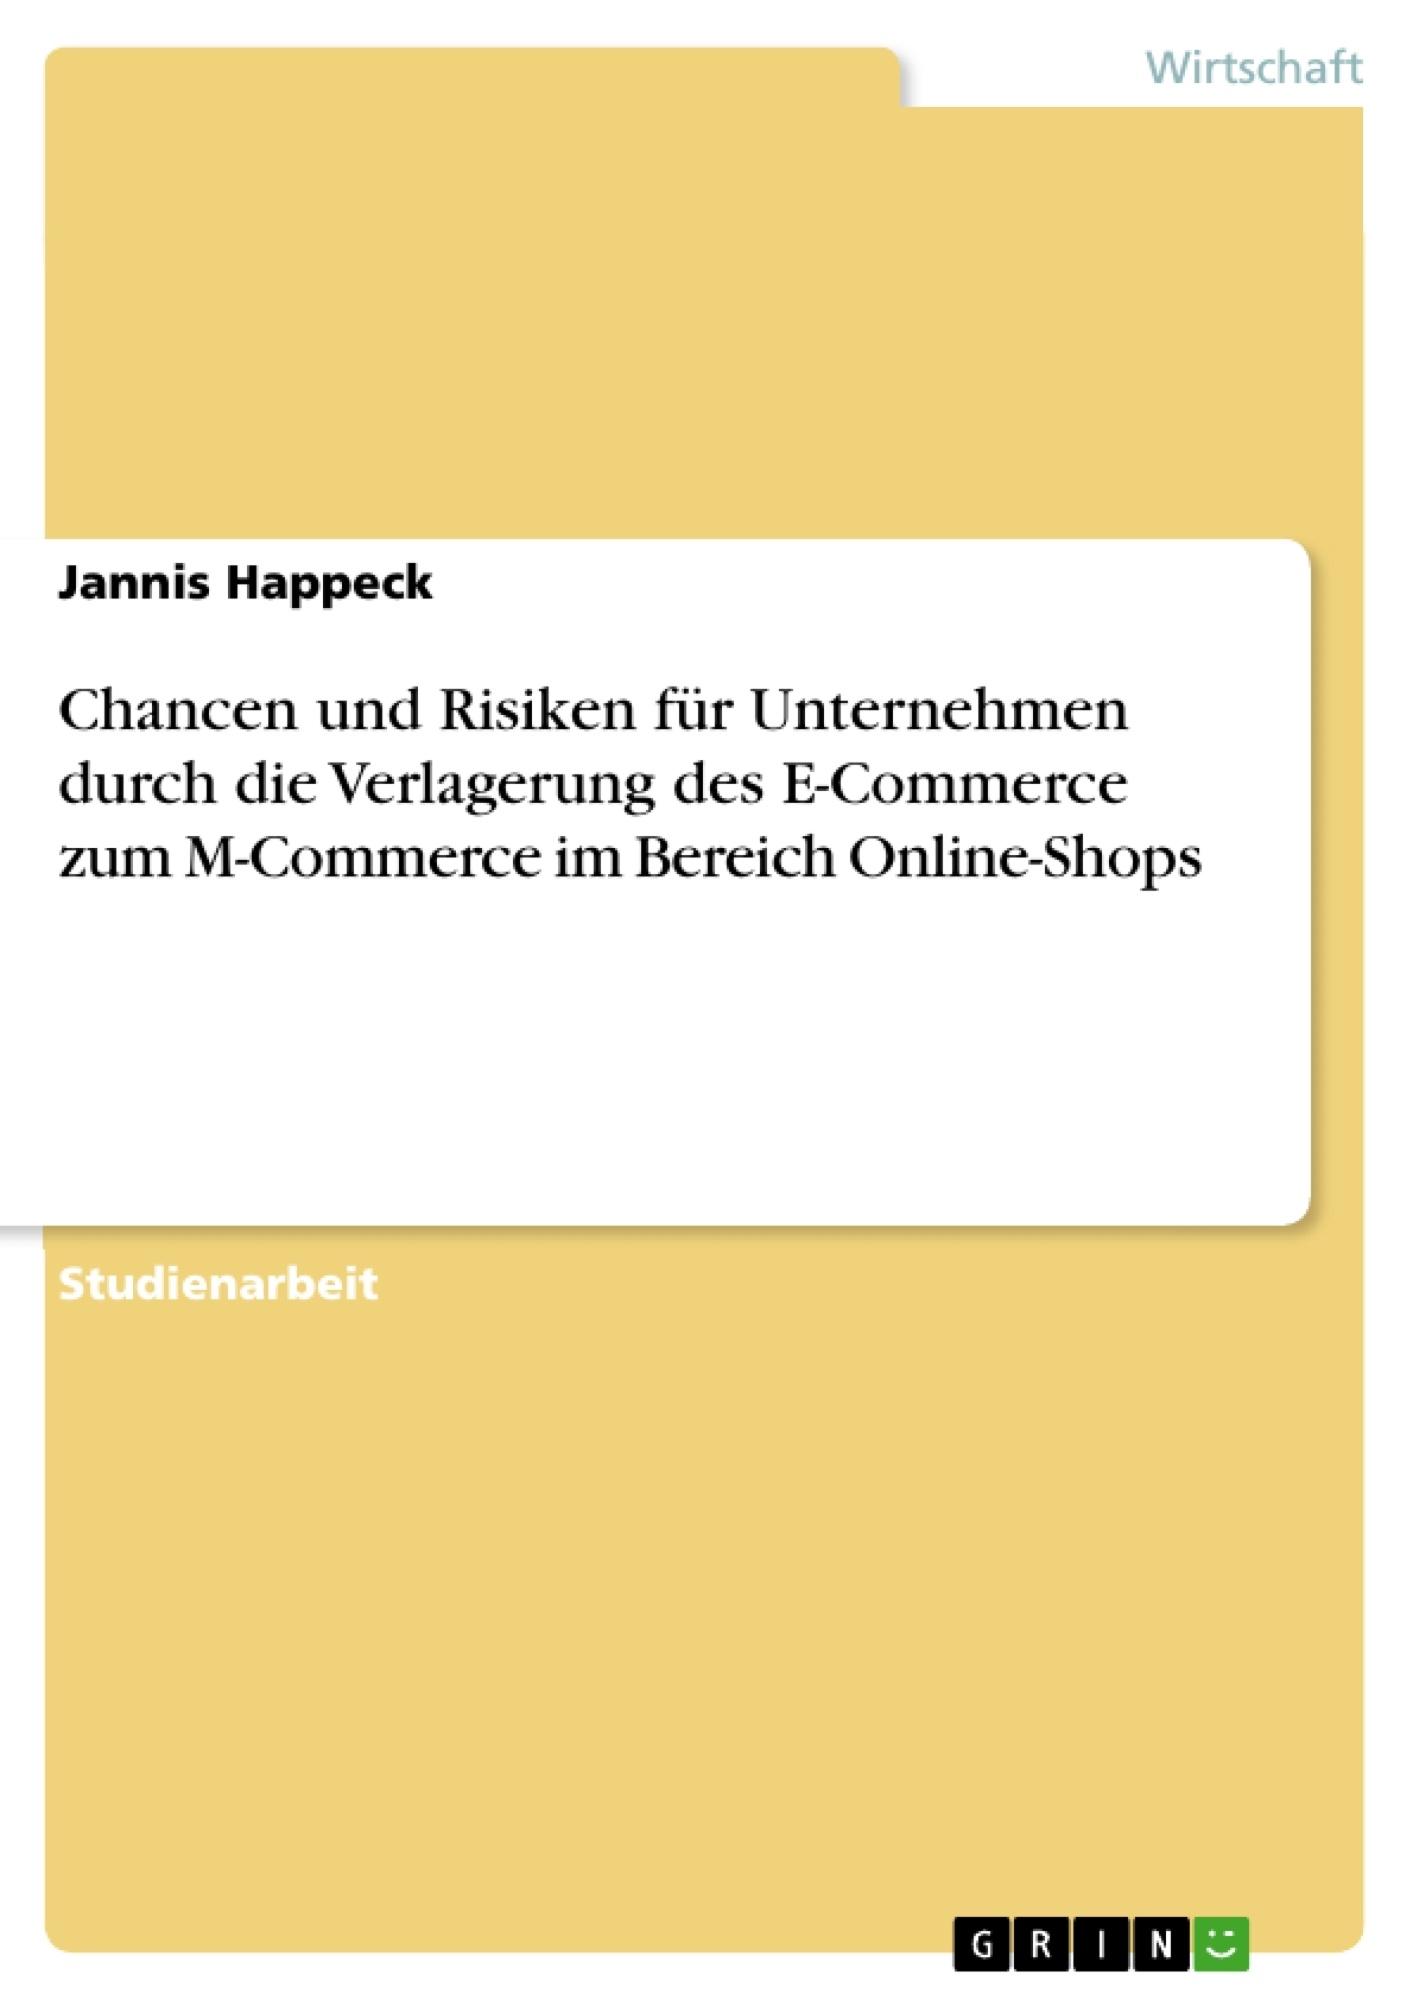 Titel: Chancen und Risiken für Unternehmen durch die Verlagerung des E-Commerce zum M-Commerce im Bereich Online-Shops